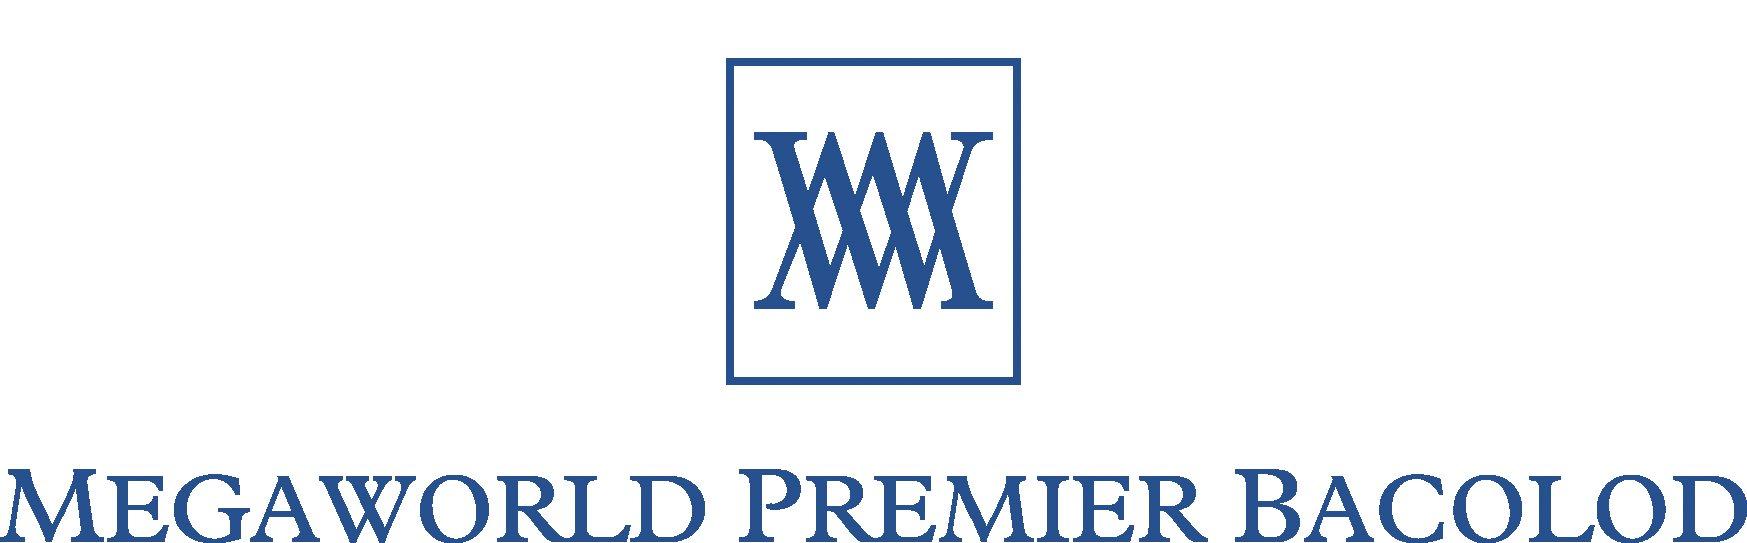 Megaworld Premier Bacolod